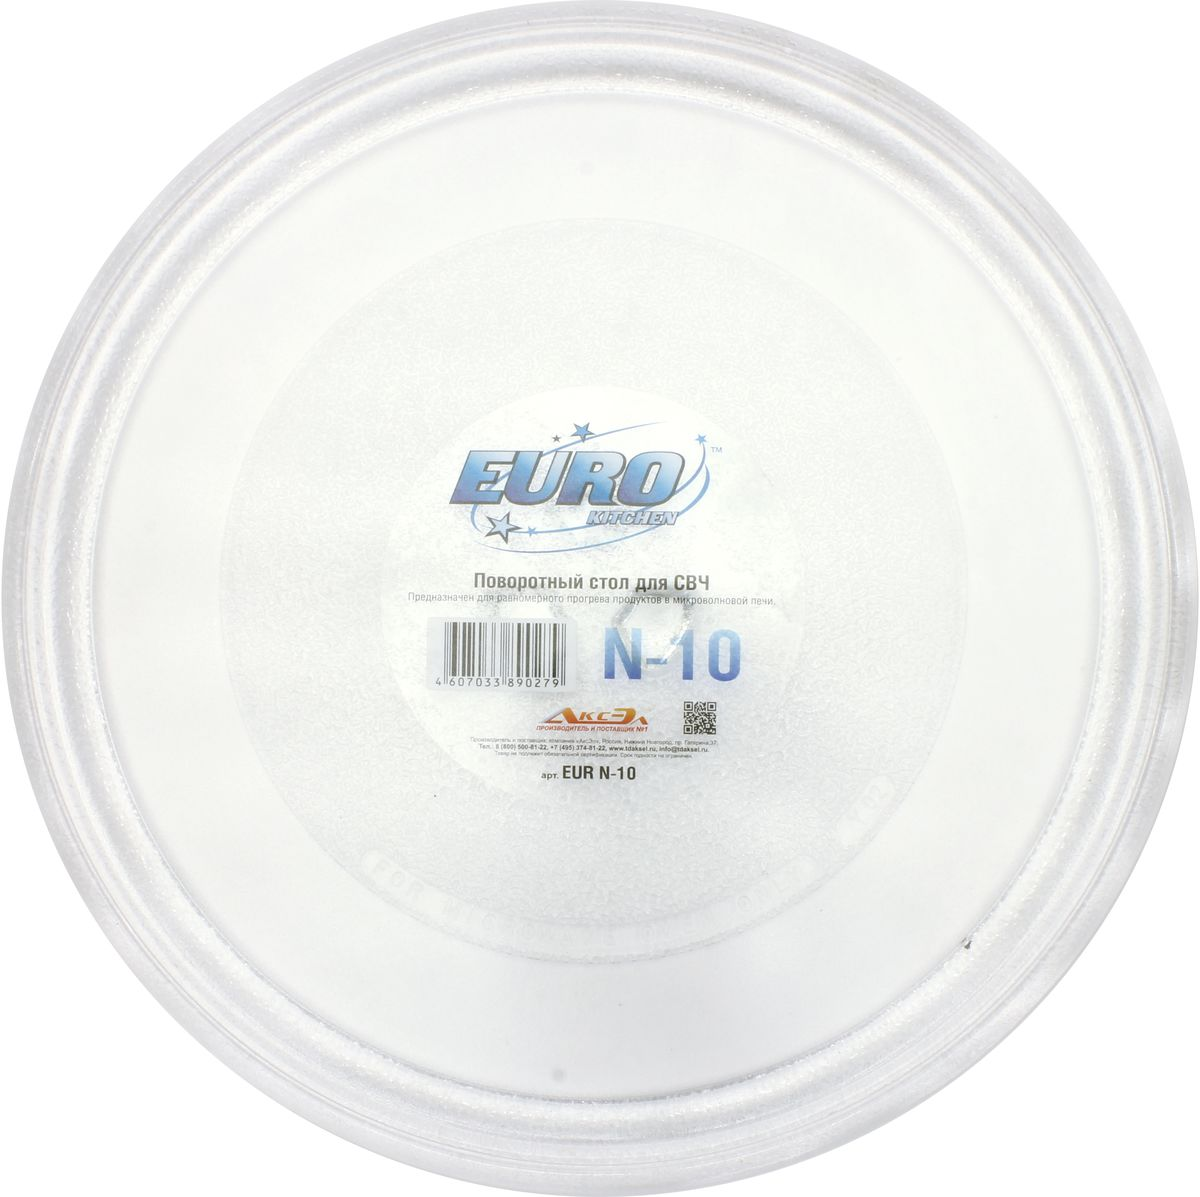 Euro Kitchen N-10 тарелка для СВЧ asko hss1053t